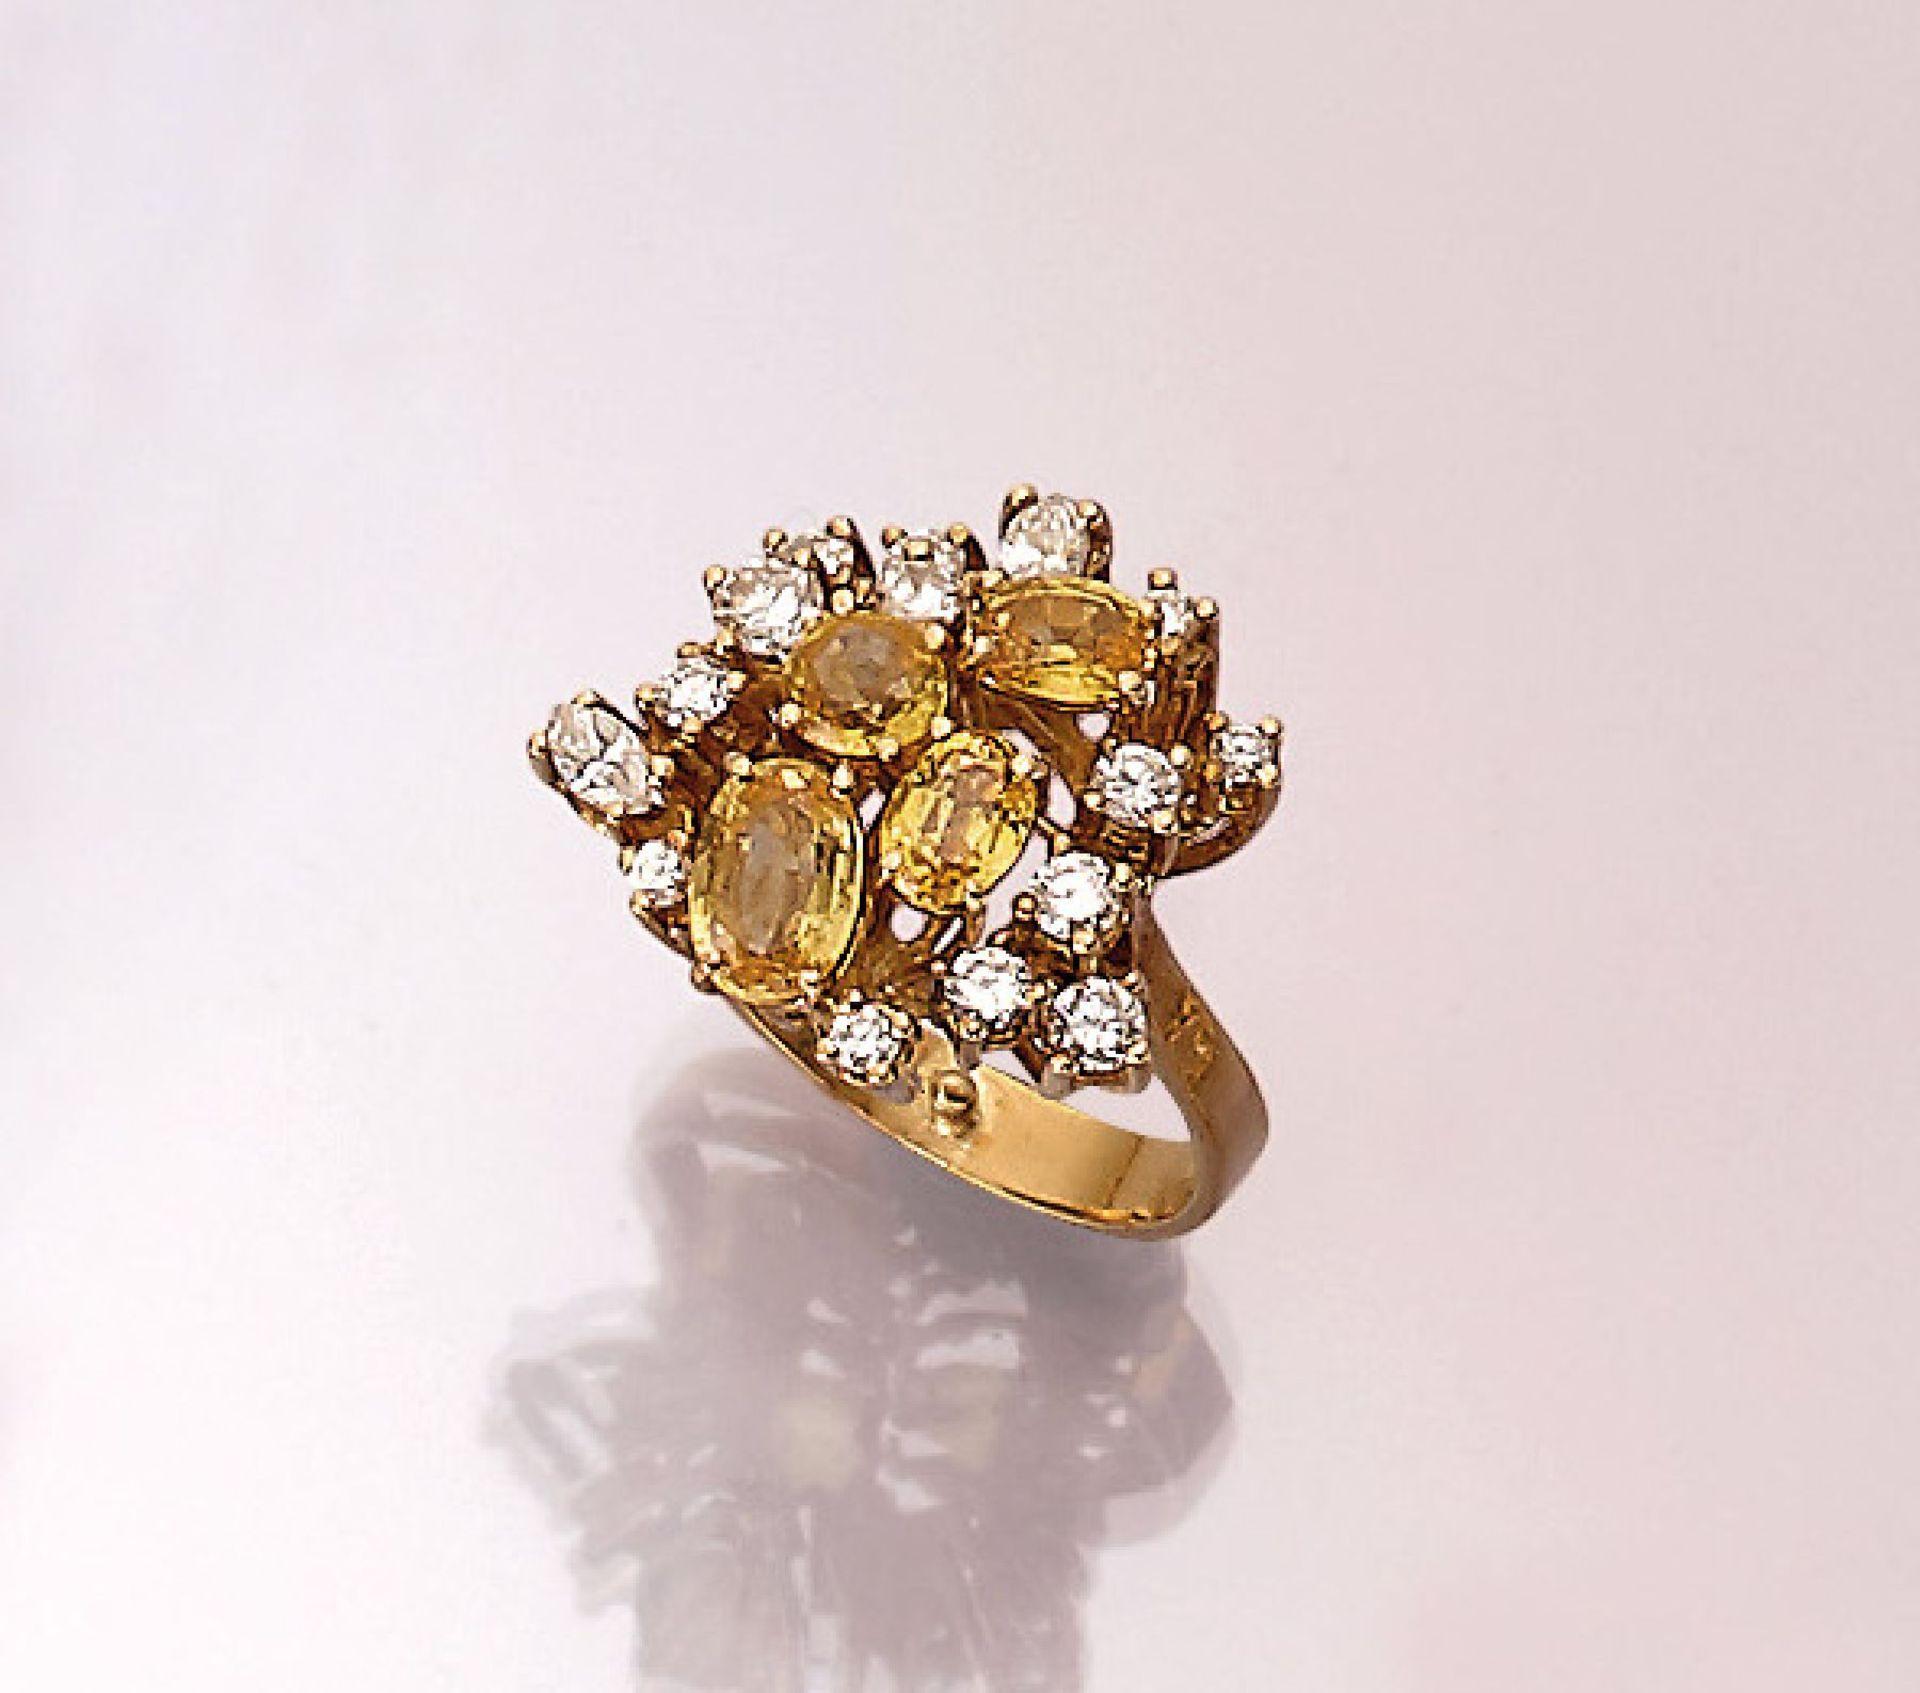 18 kt Gold Ring mit Saphiren und Brillanten, GG 750/000, 3 oval- und 1 rundfacett. gelber Saphir